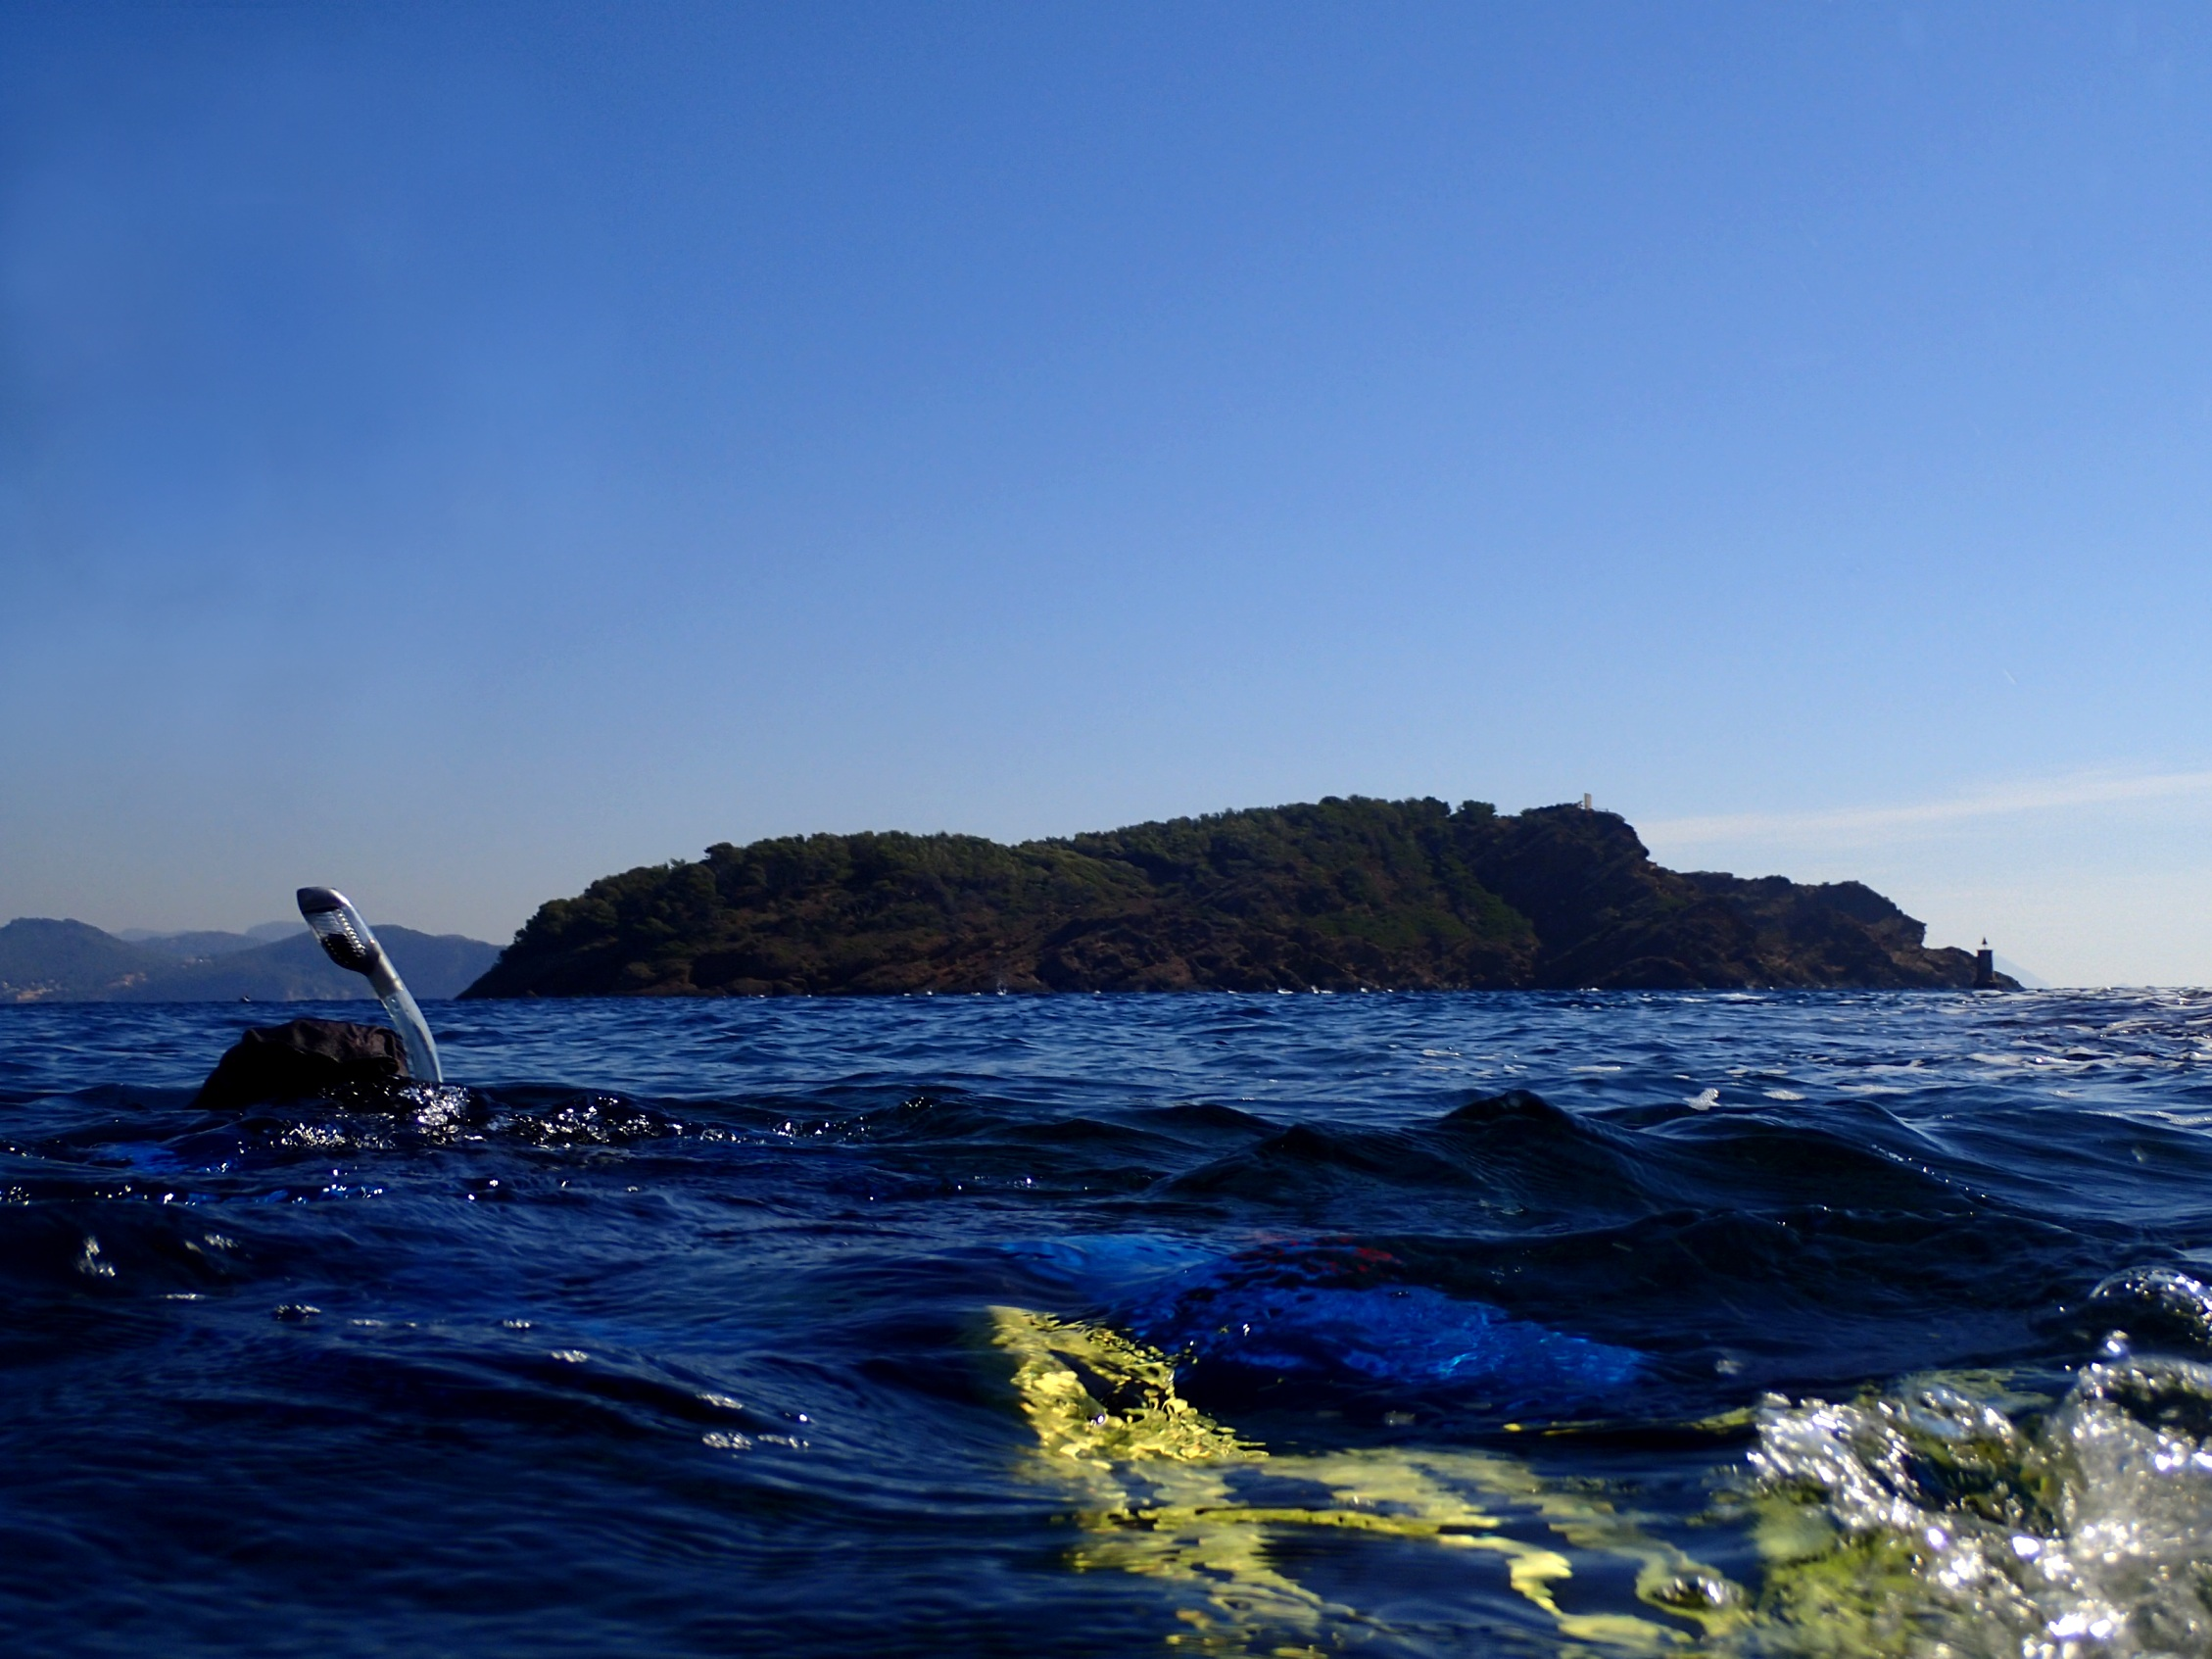 île verte La Ciotat